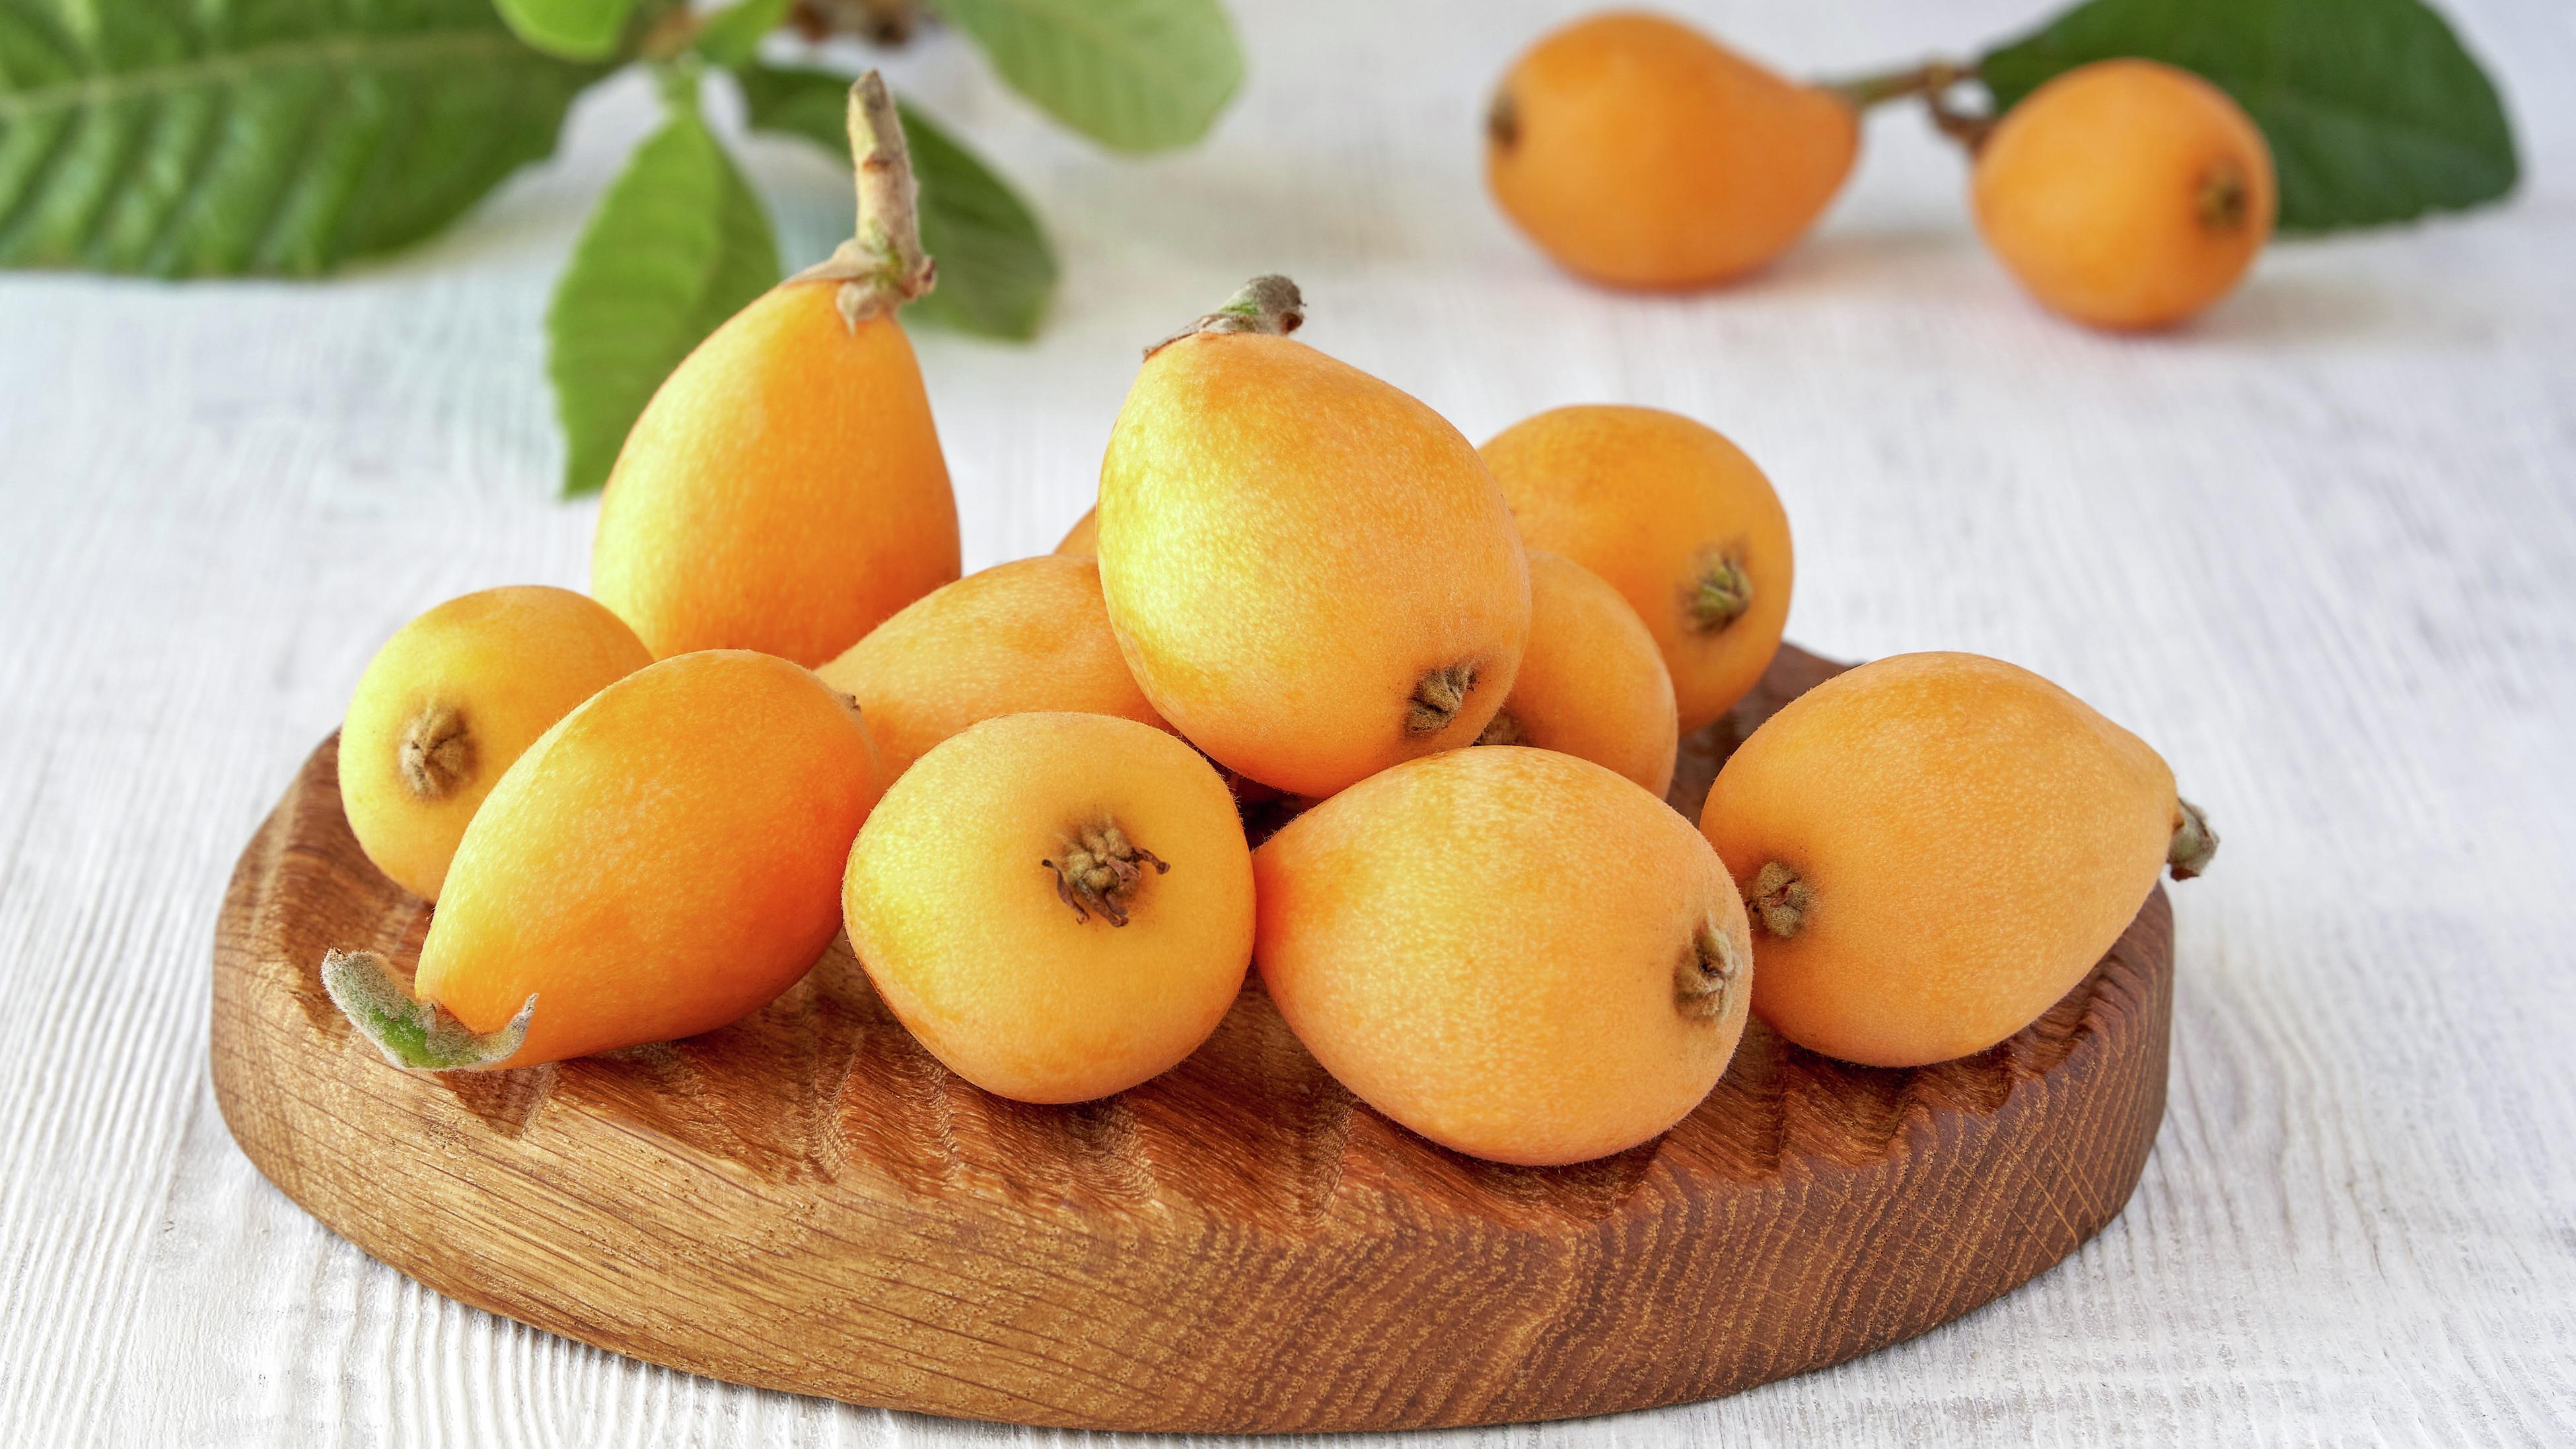 Orange loquat fruit on a wooden board